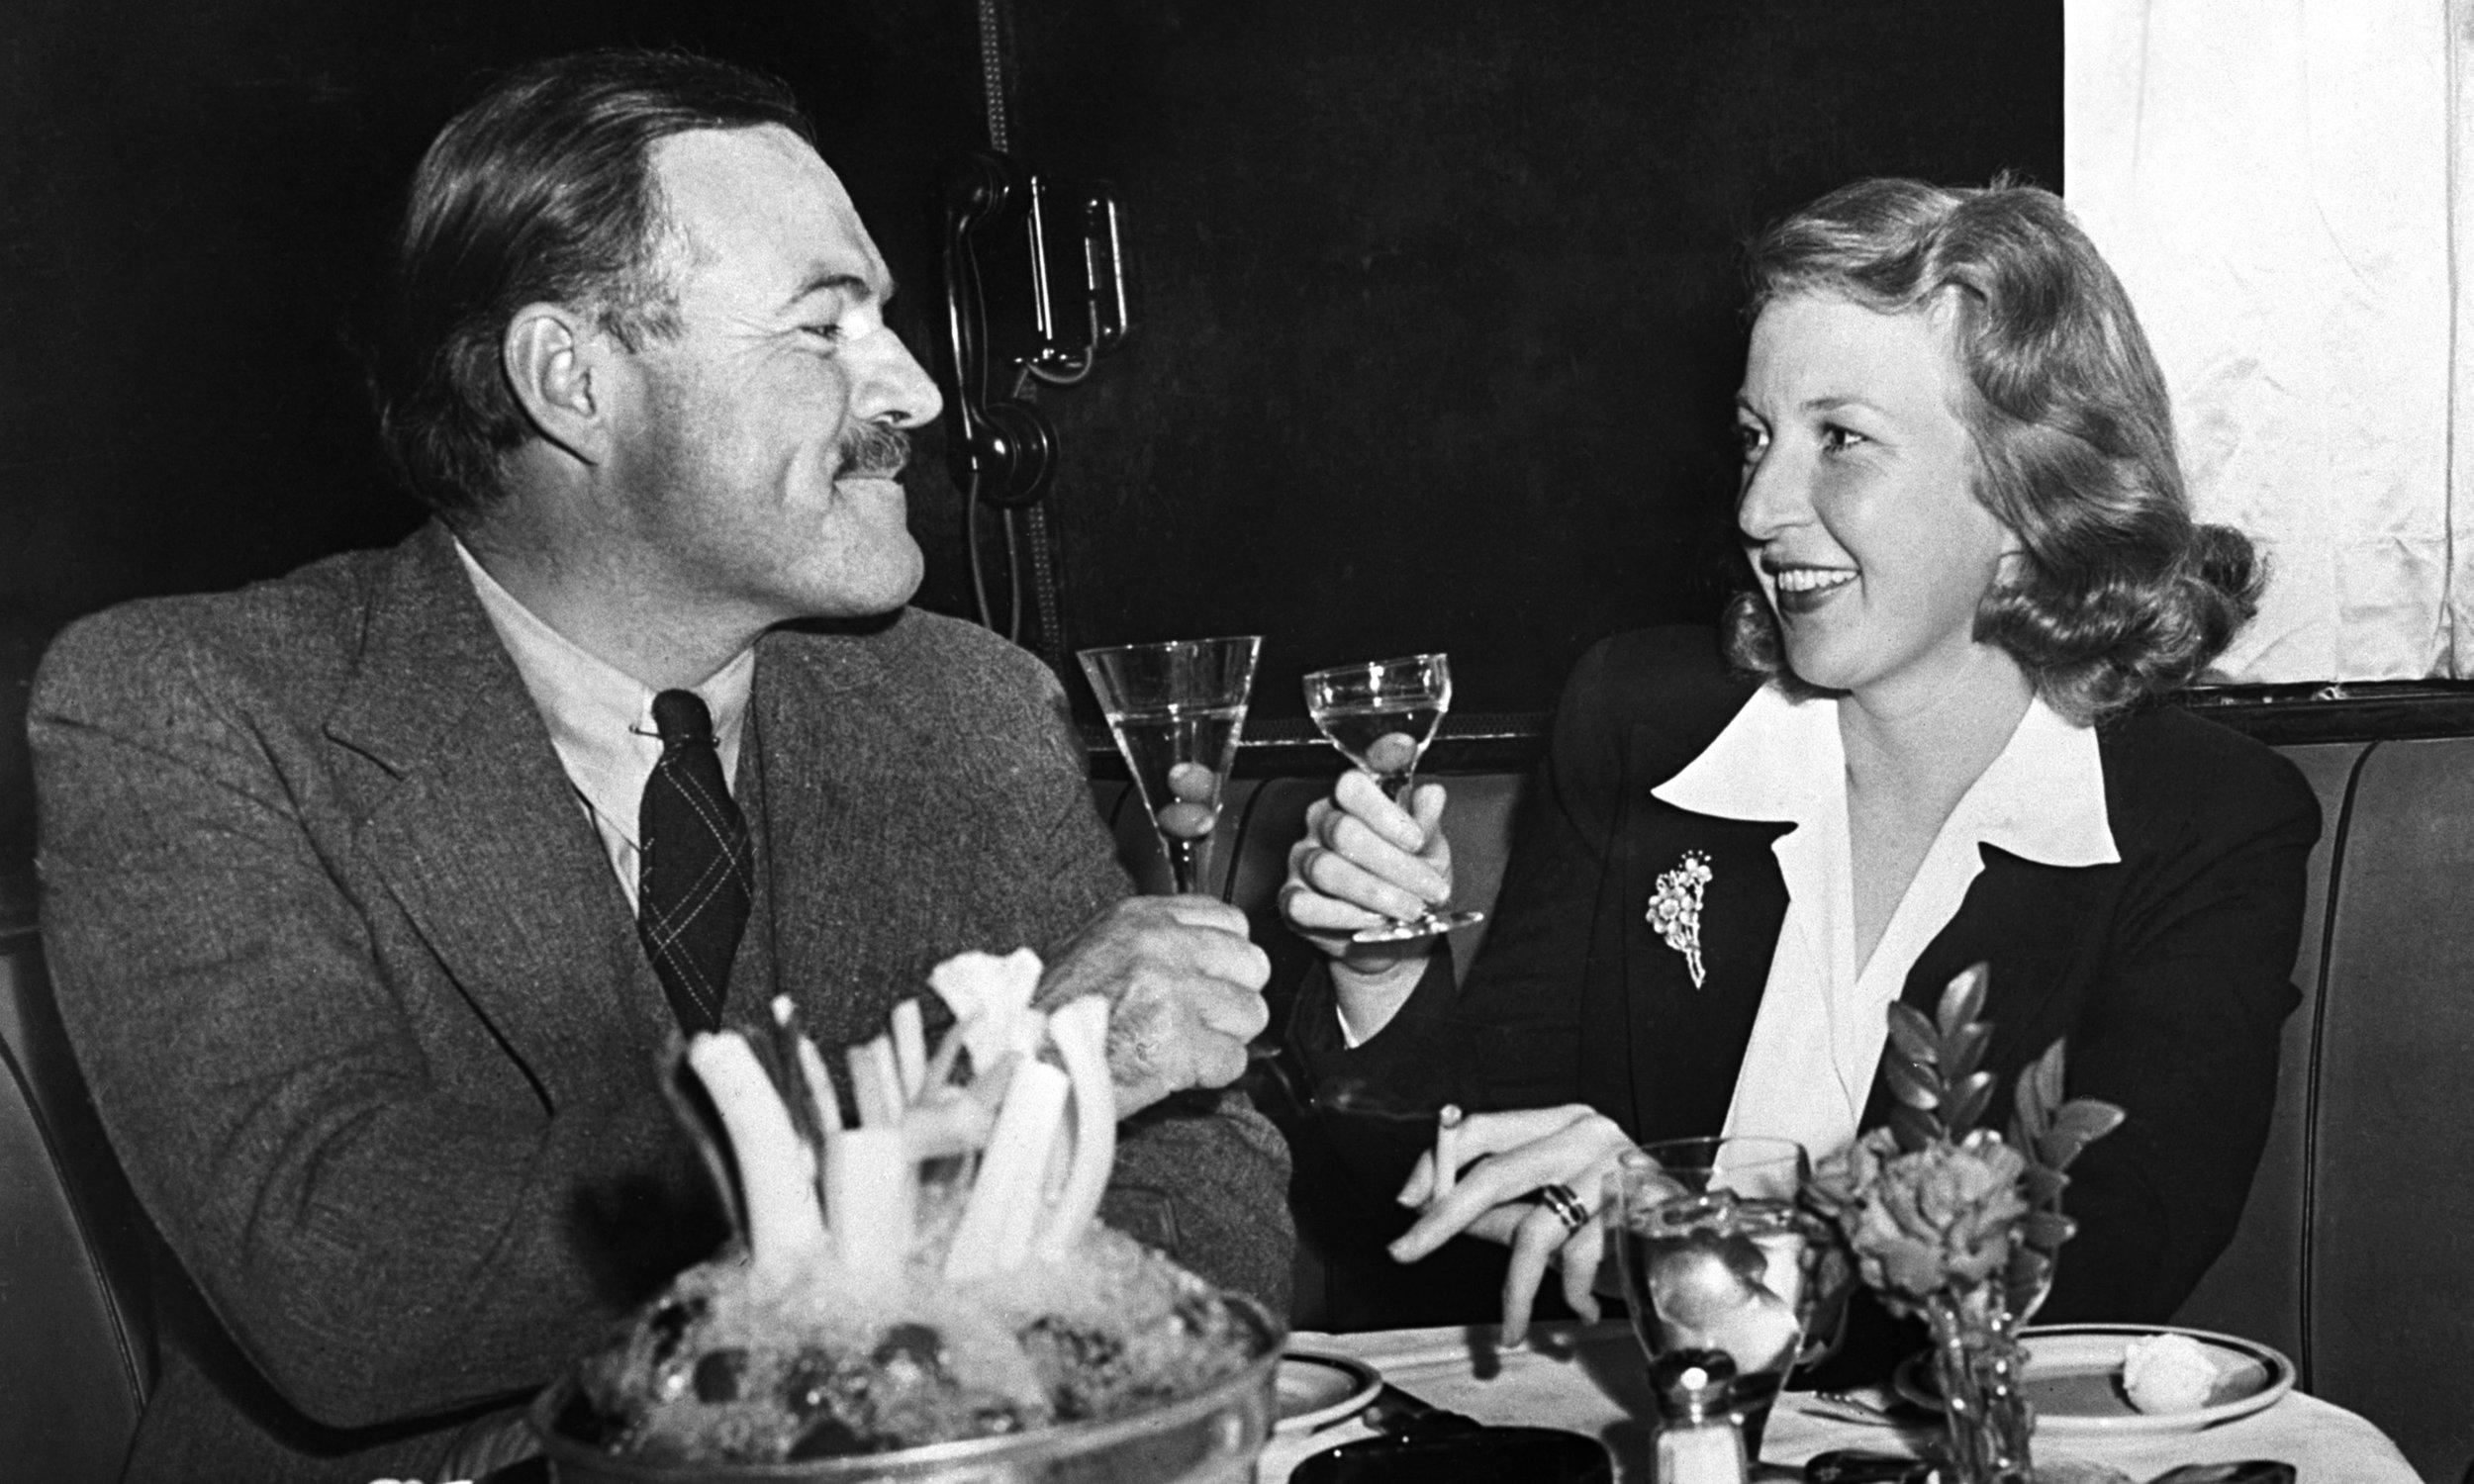 Ernest Hemingway and wife number three, journalist Martha Gellhorn.